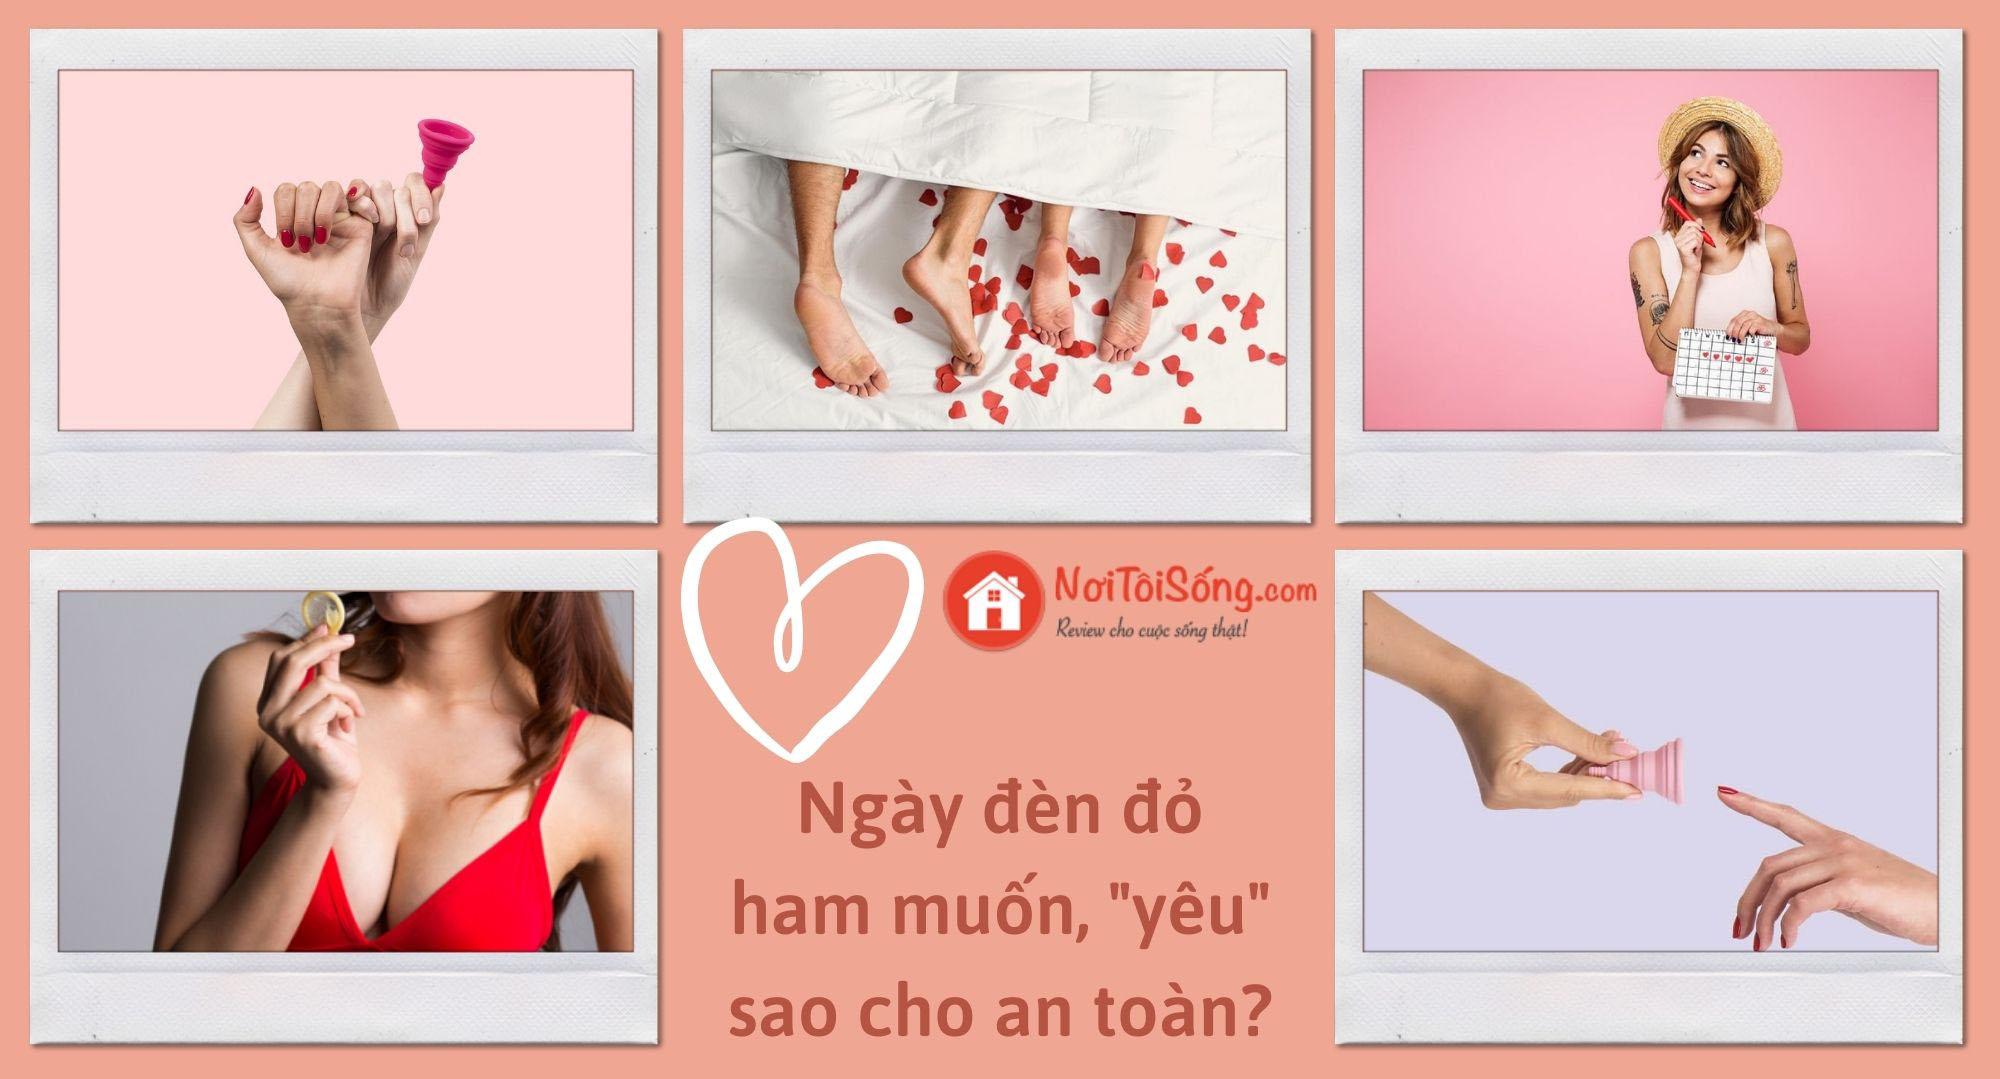 """Ngày đèn đỏ ham muốn - """"Yêu"""" sao cho an toàn?"""